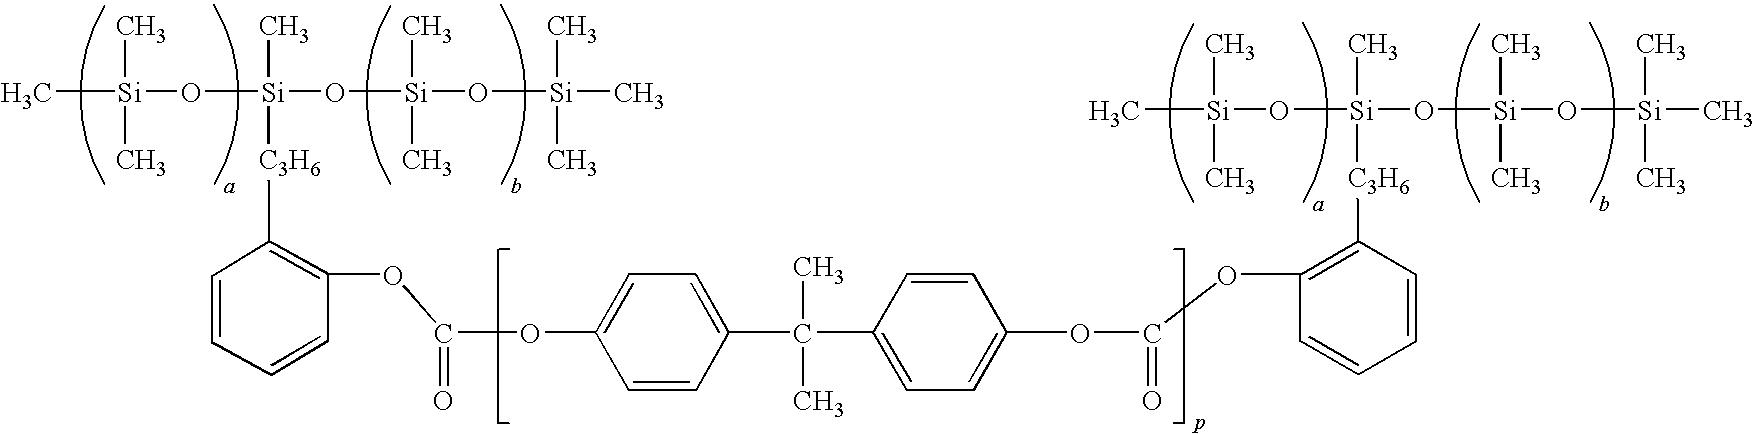 Figure US07943278-20110517-C00011